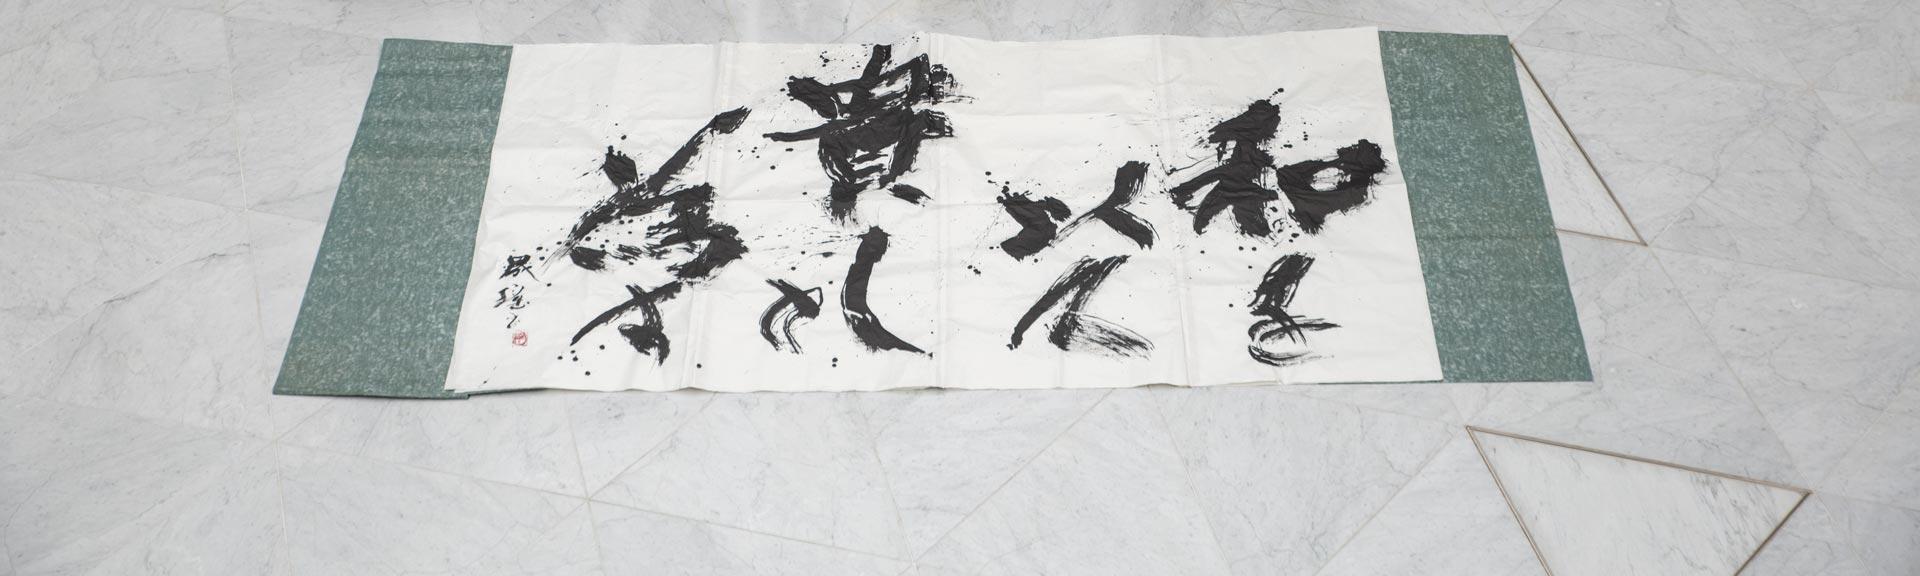 「9.21世界平和の祈り」平和揮毫作品が、長崎原爆資料館パビリオンにて展示中です